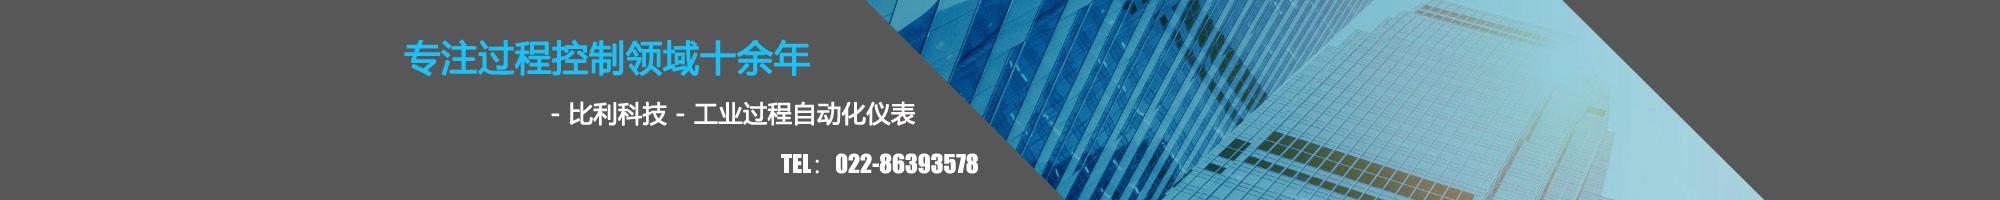 液位千亿国际_流量千亿国际_差压变送器_温度变送器|天津市比利科技发展有限公司